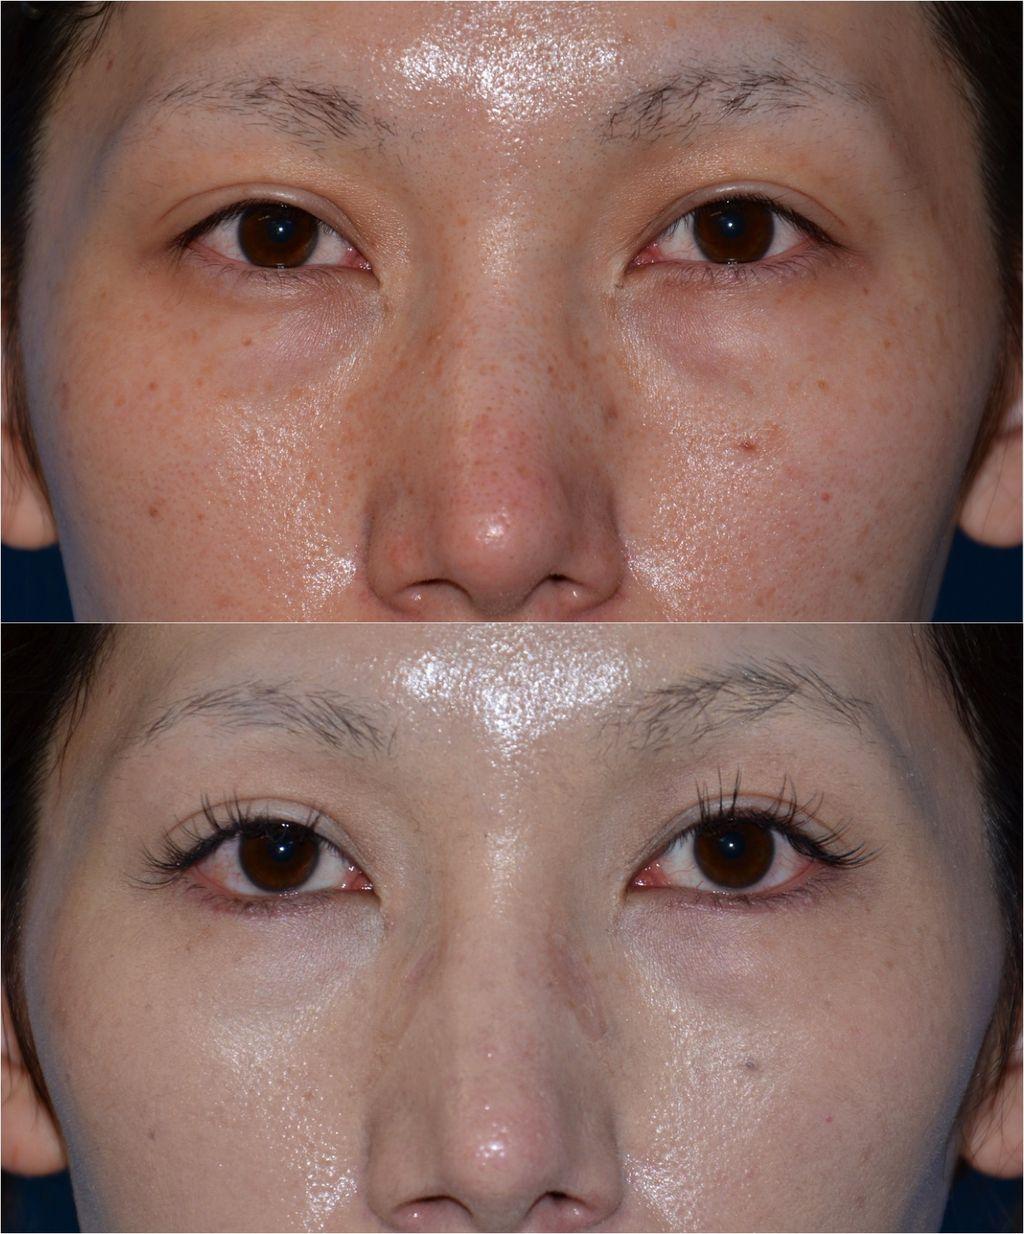 下眼瞼下制術01 下眼瞼下制術(たれ目形成術、グラマラスライン形成術)のパーツモニターさま こん